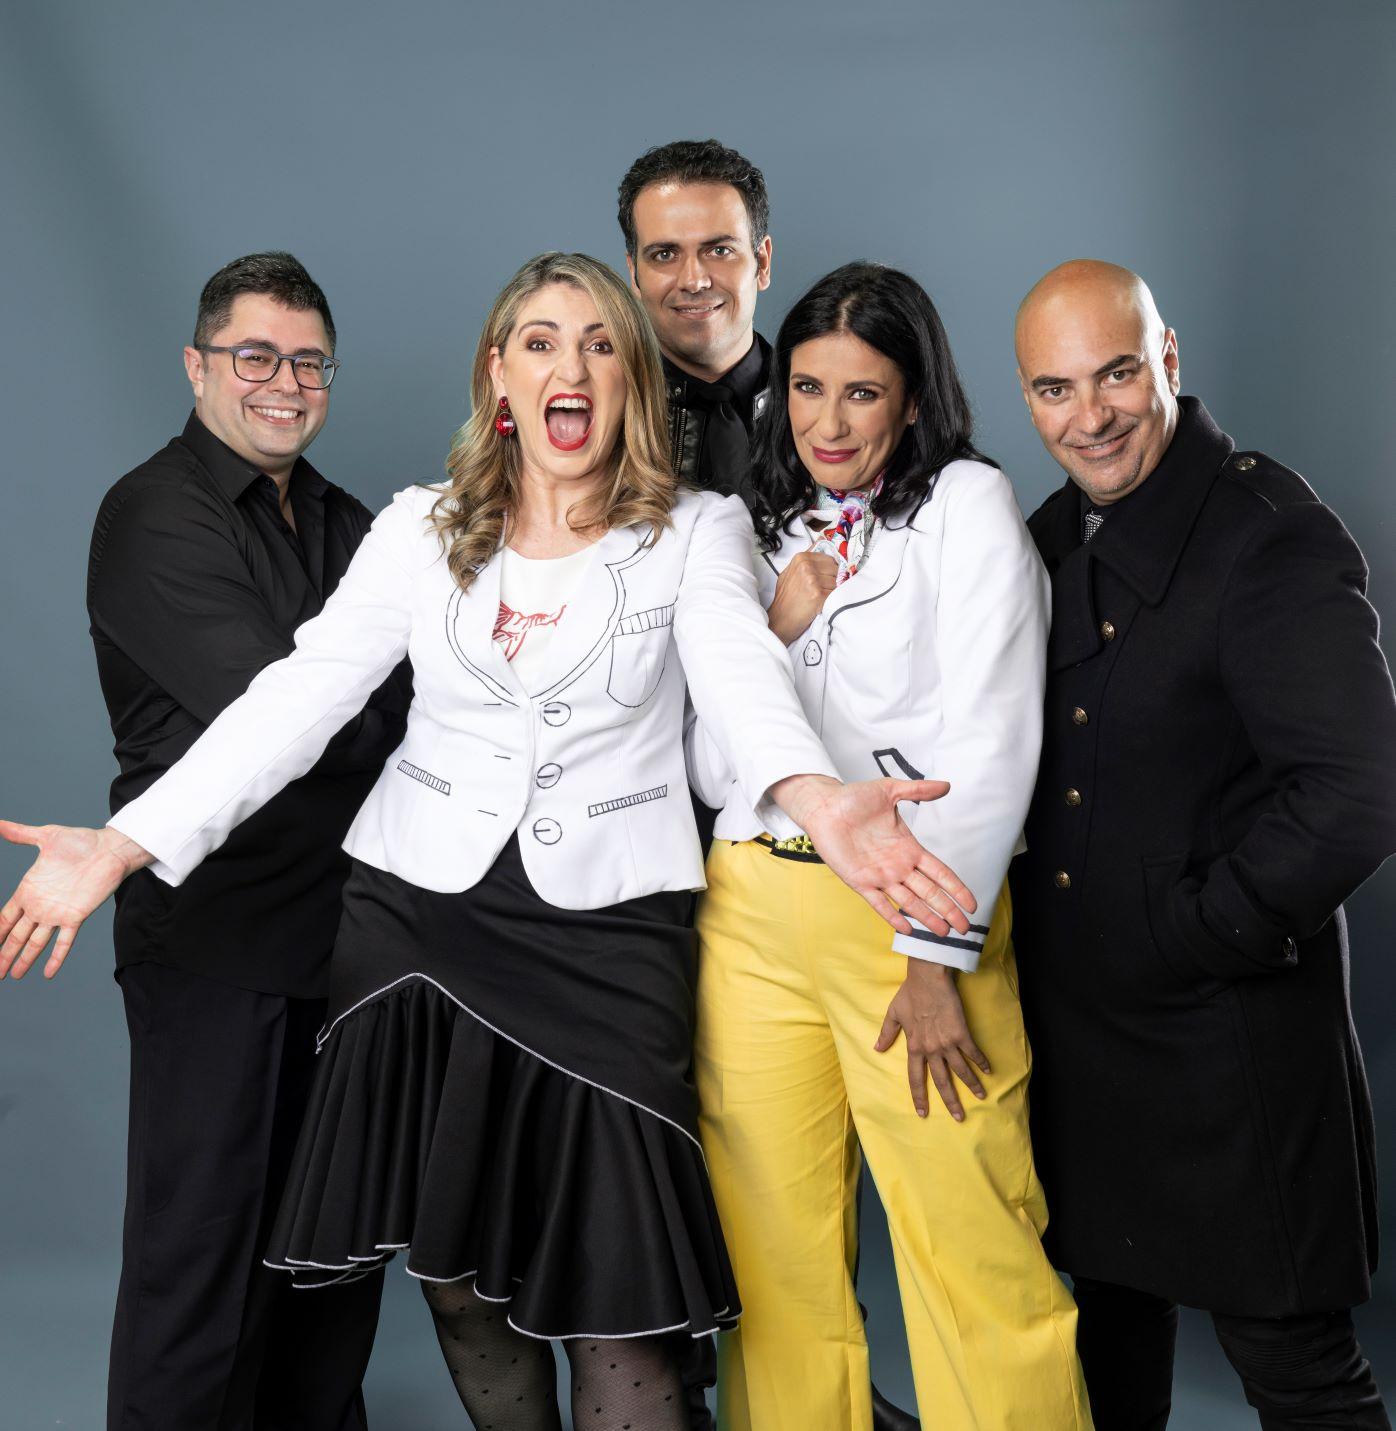 De izq a dcha, los músicos Héctor Muñoz y Eliseo Bordón, Lili Quintana, Yanely Hernández y su director, Nacho Cabrera-Foto JAU FORNÉS